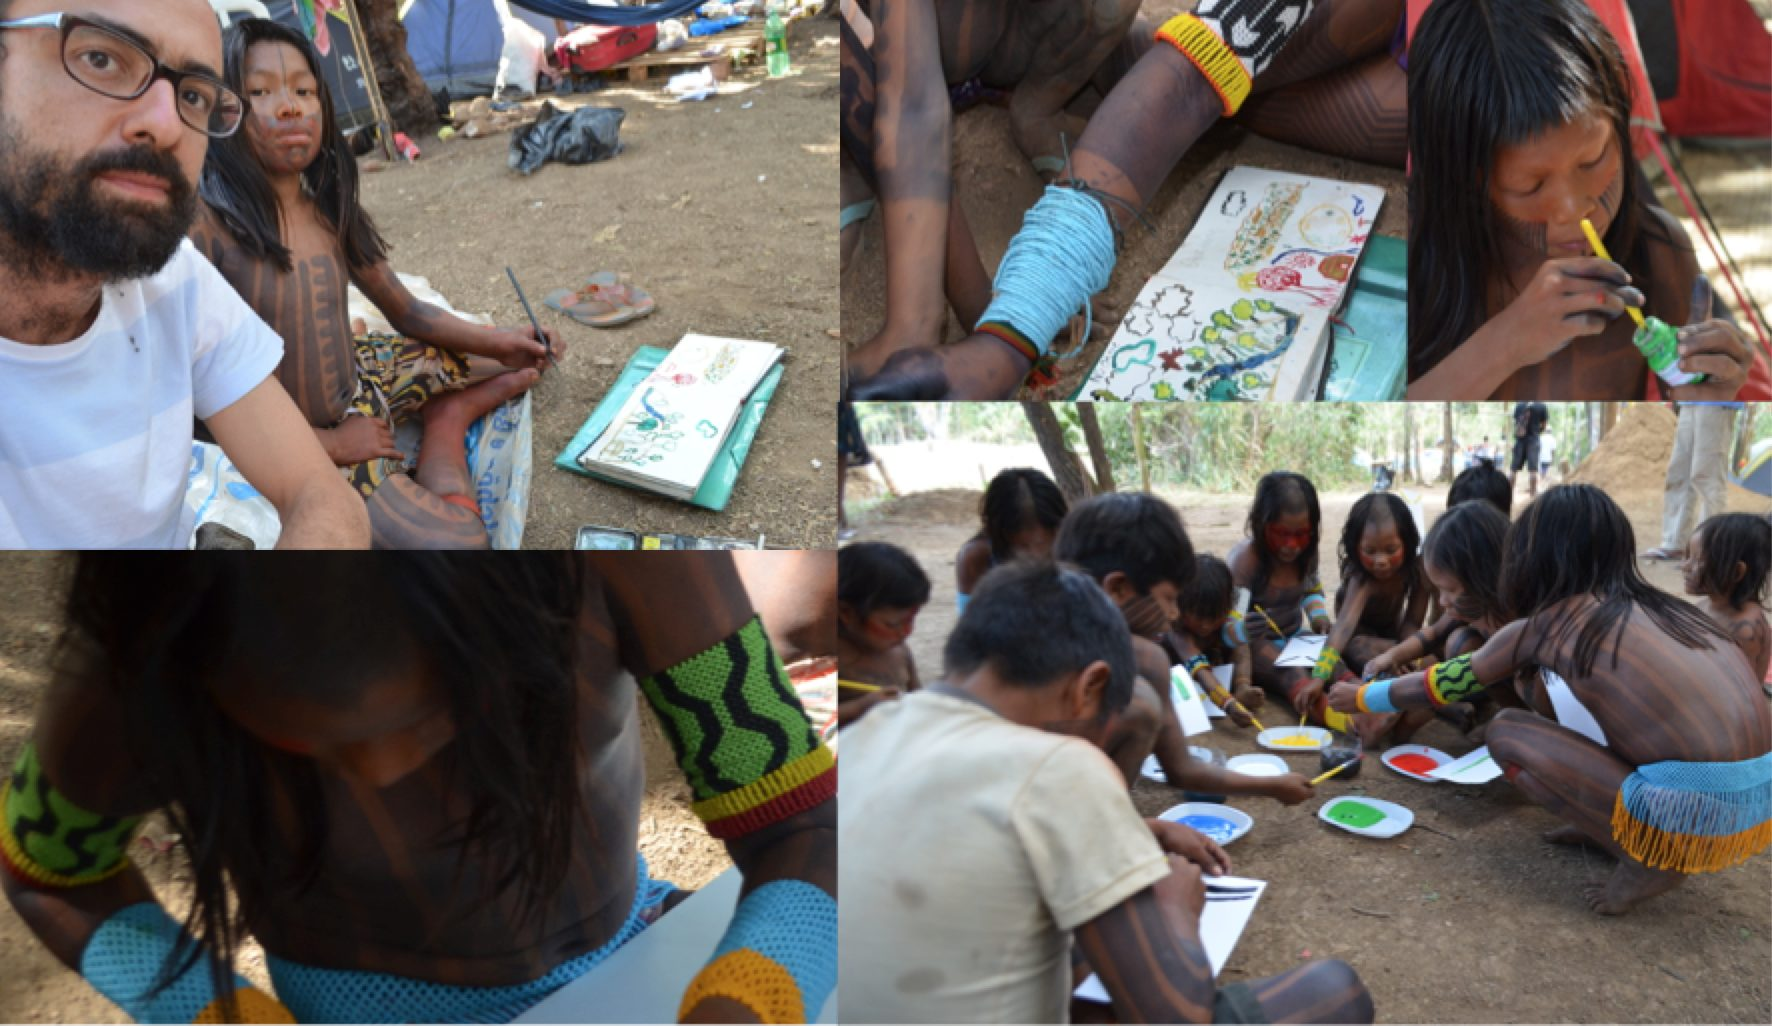 Artistas lançam campanha para promover cultura quilombola 6